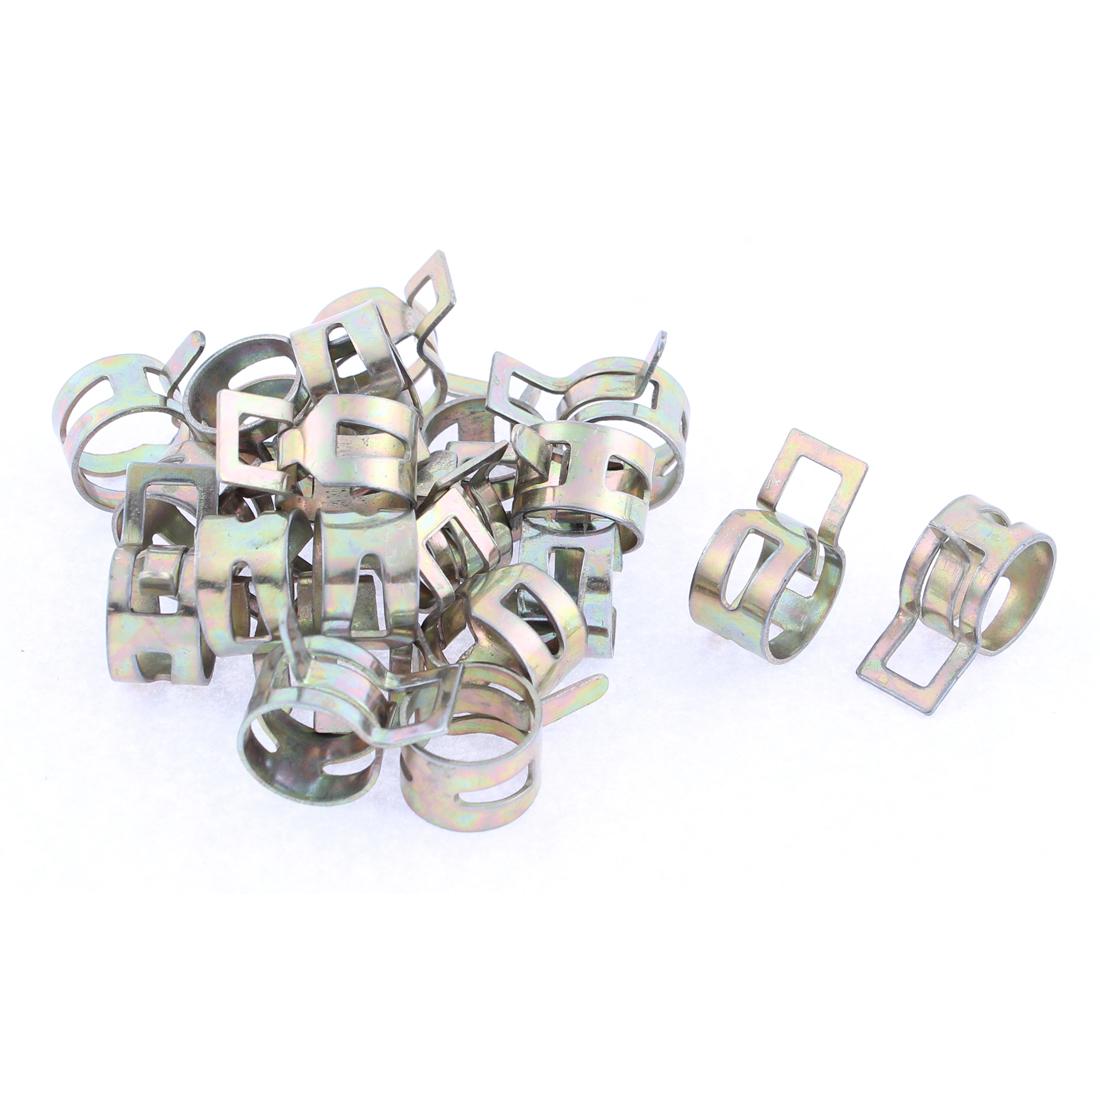 20 Pcs Bronze Tone 13mm Dia Vacuum Spring Hose Clip Clamp